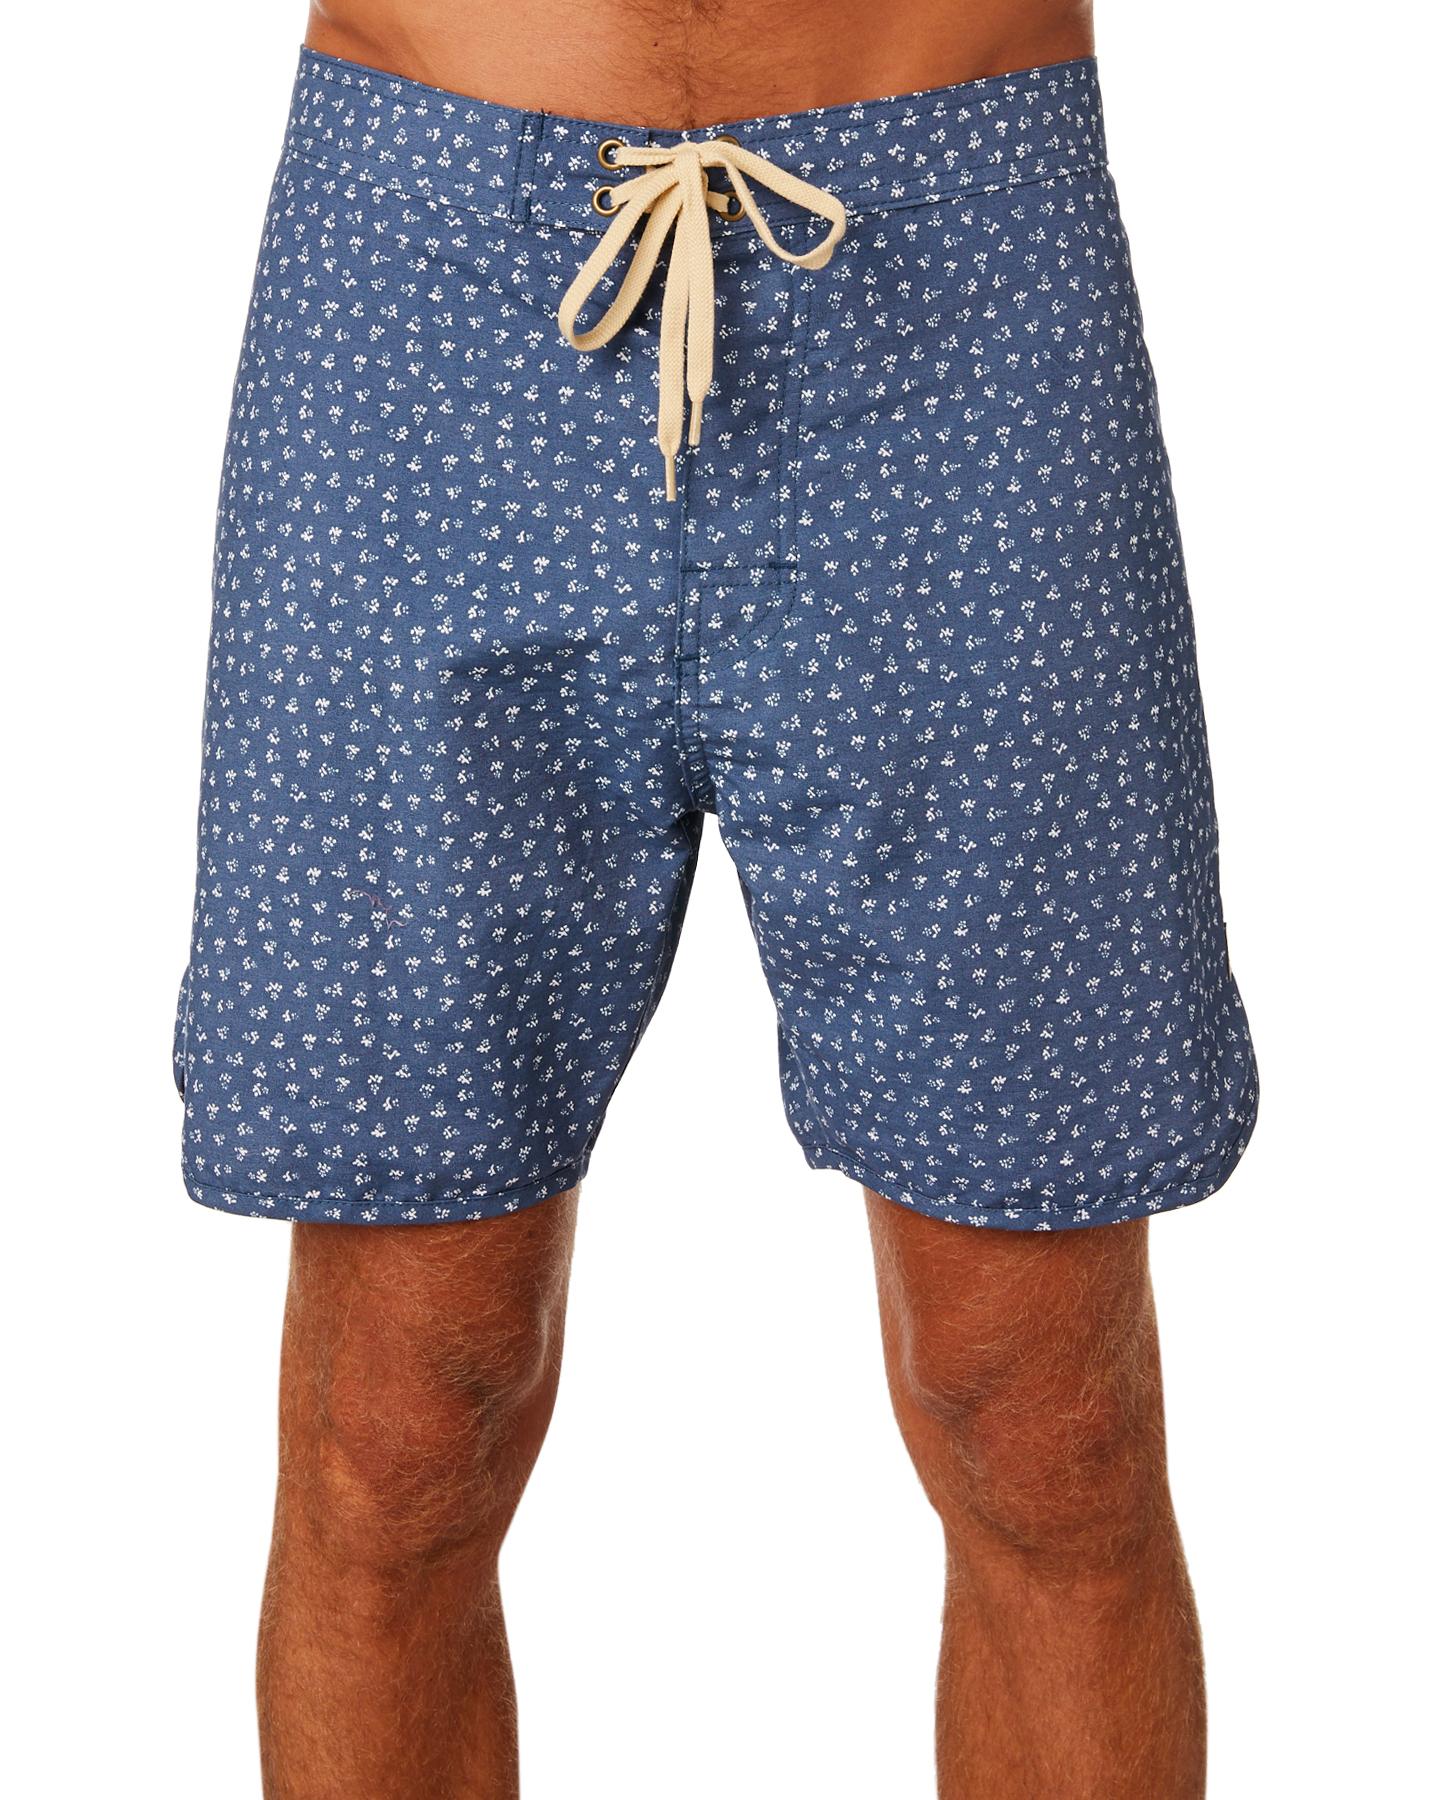 e3104e4f01 Mollusk - Mollusk Men's Scallop Mens Boardshort Cotton Fitted Blue 28